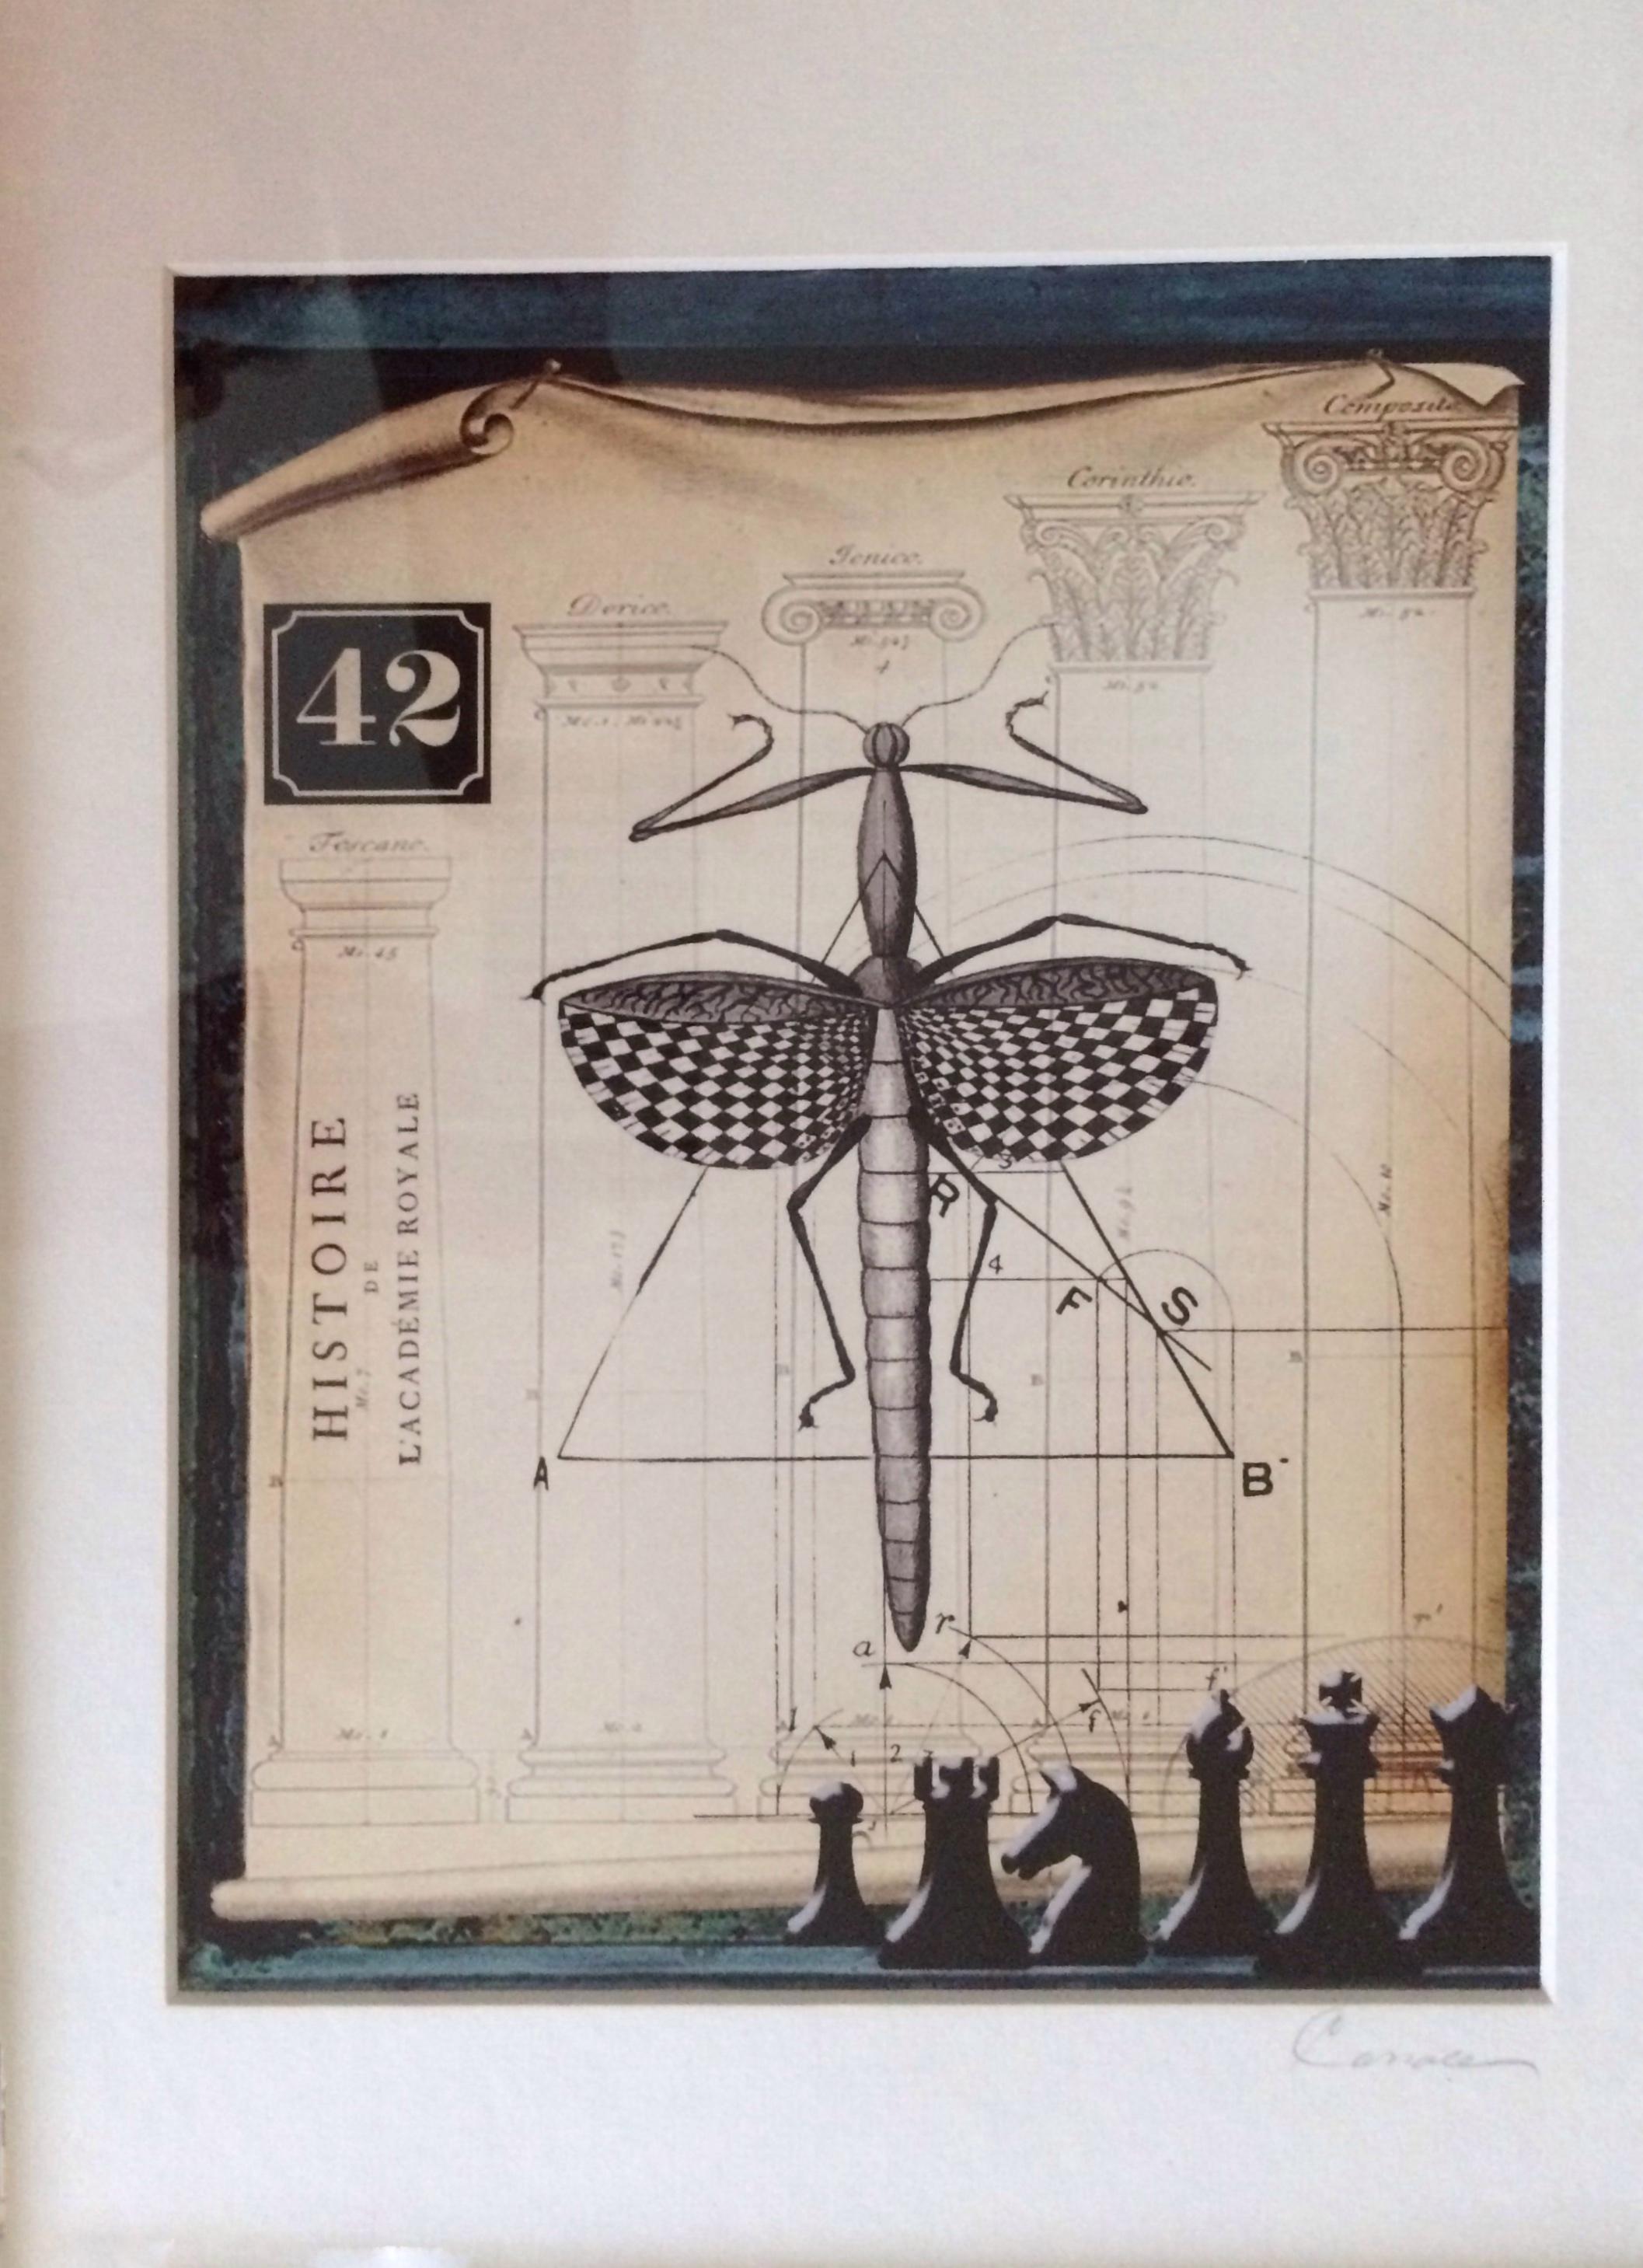 Billie Robson, print I, 14x11, $125